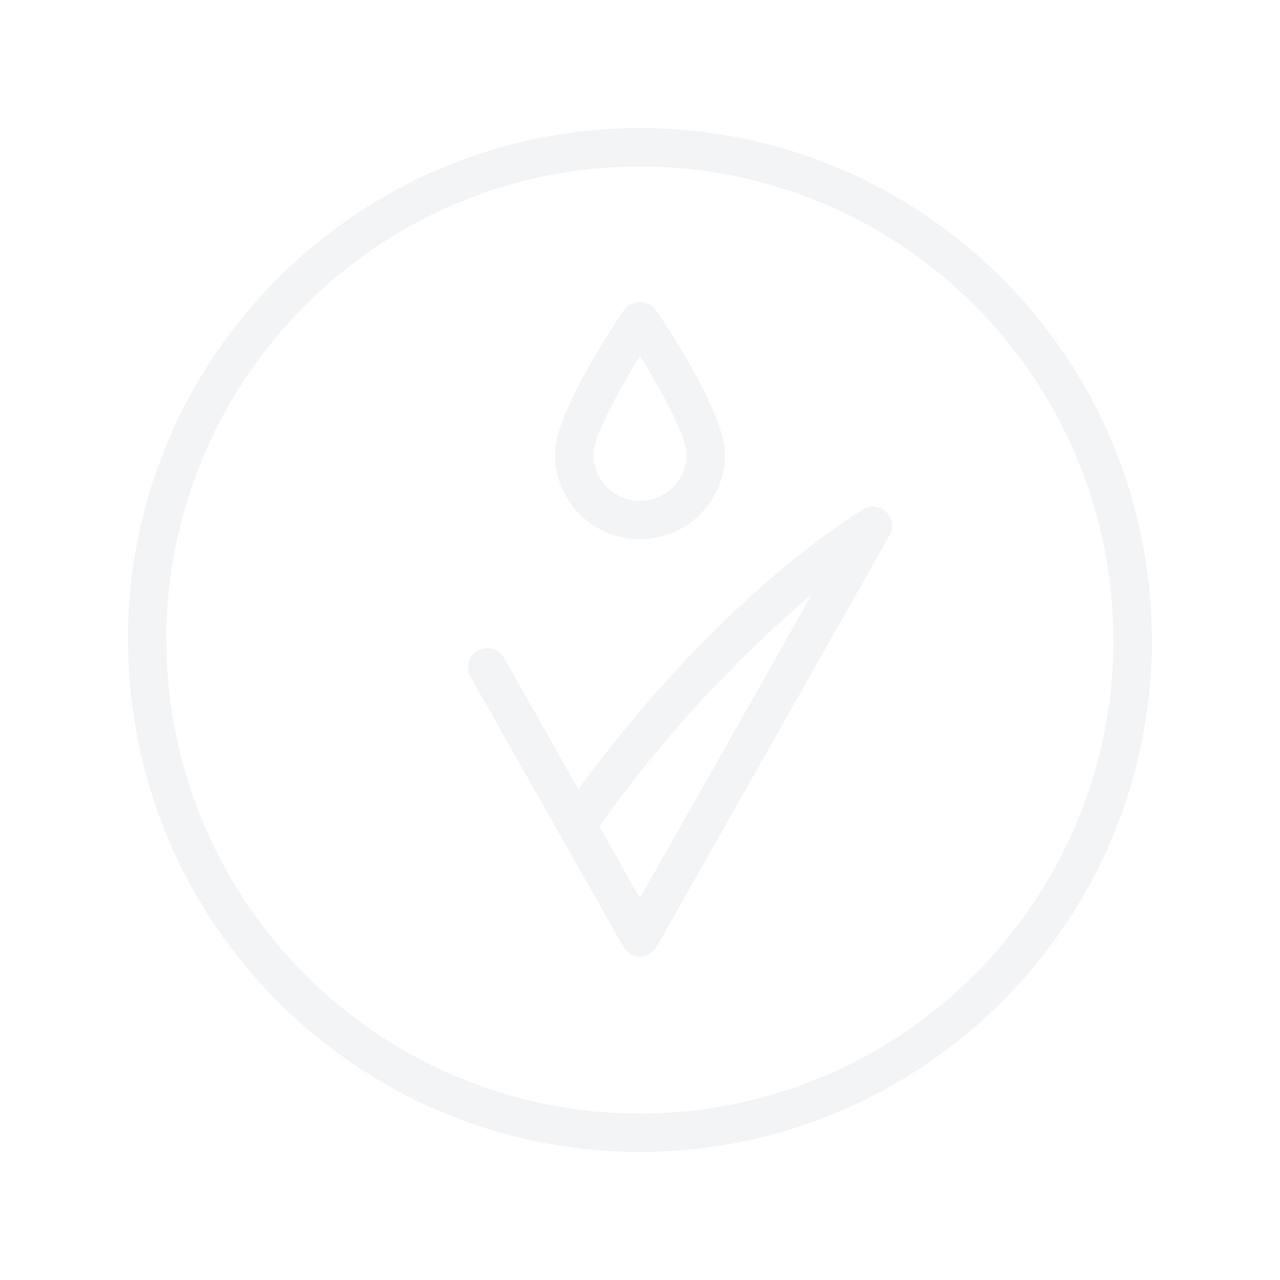 COLLISTAR Caffe Rossetto Puro Lipstick 4.5ml